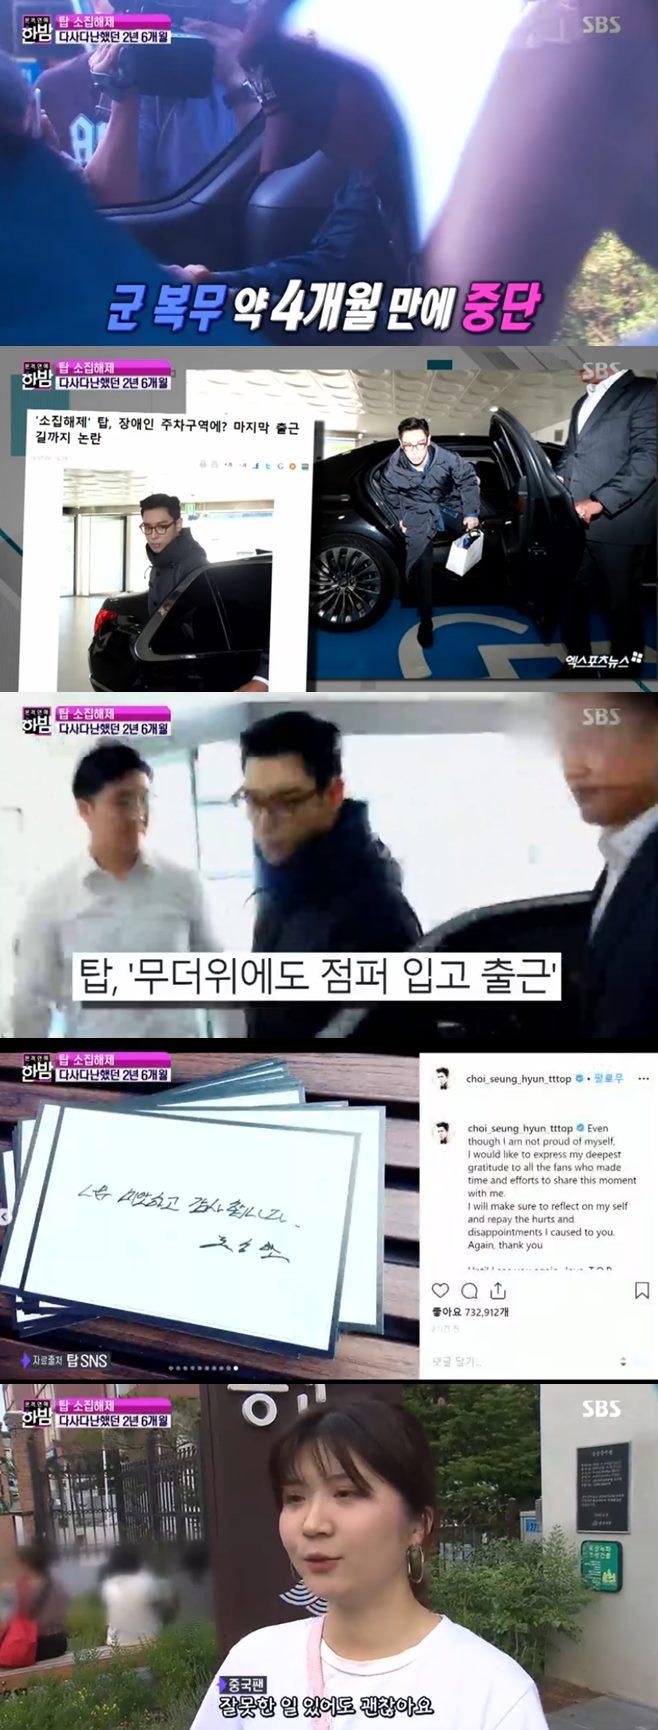 미저리 김성령 김상중 빅뱅 탑 소집해제 박상민 사기 고소 박유천 집행유예 임창정 본격연예 한밤